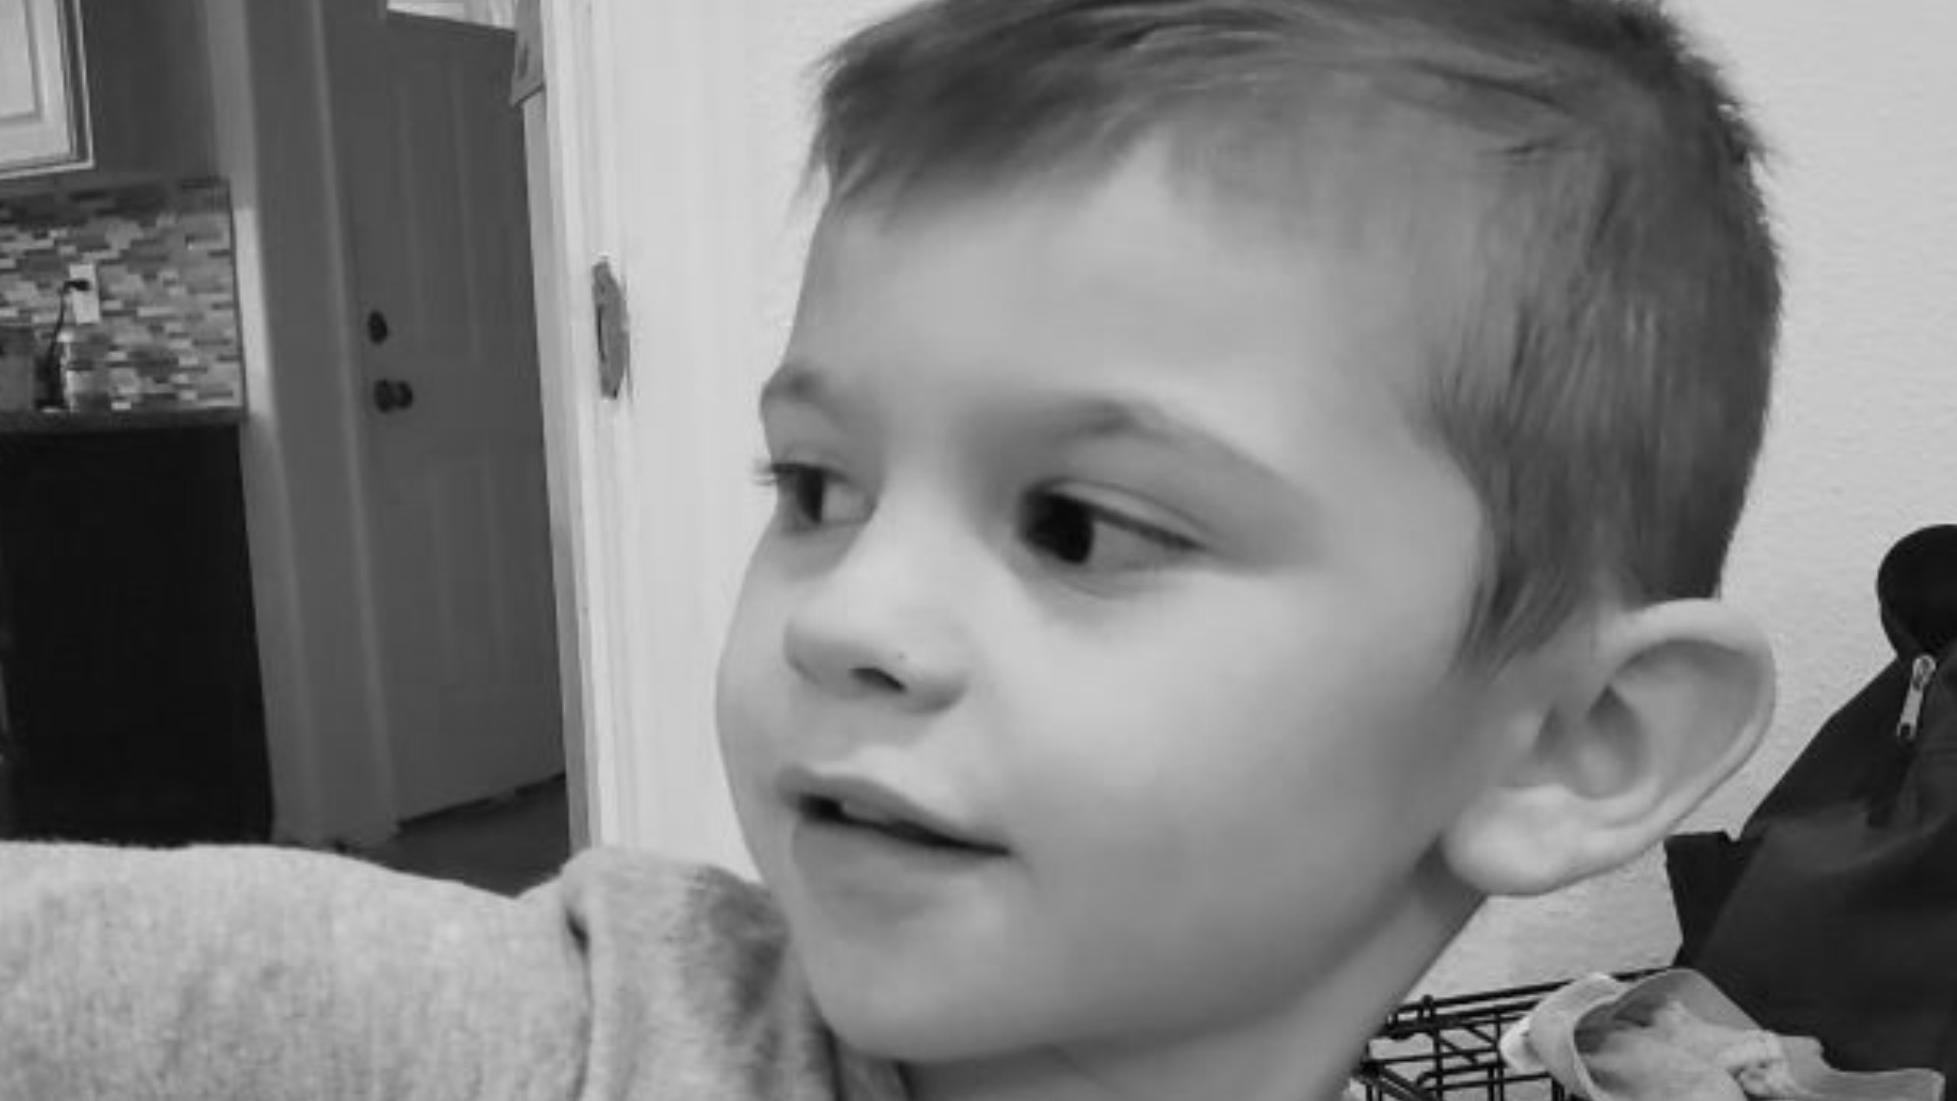 Utah, USA: Oma bringt Enkel (4) ins Bett, am nächsten Tag liegt er tot in Spielzeugtruhe